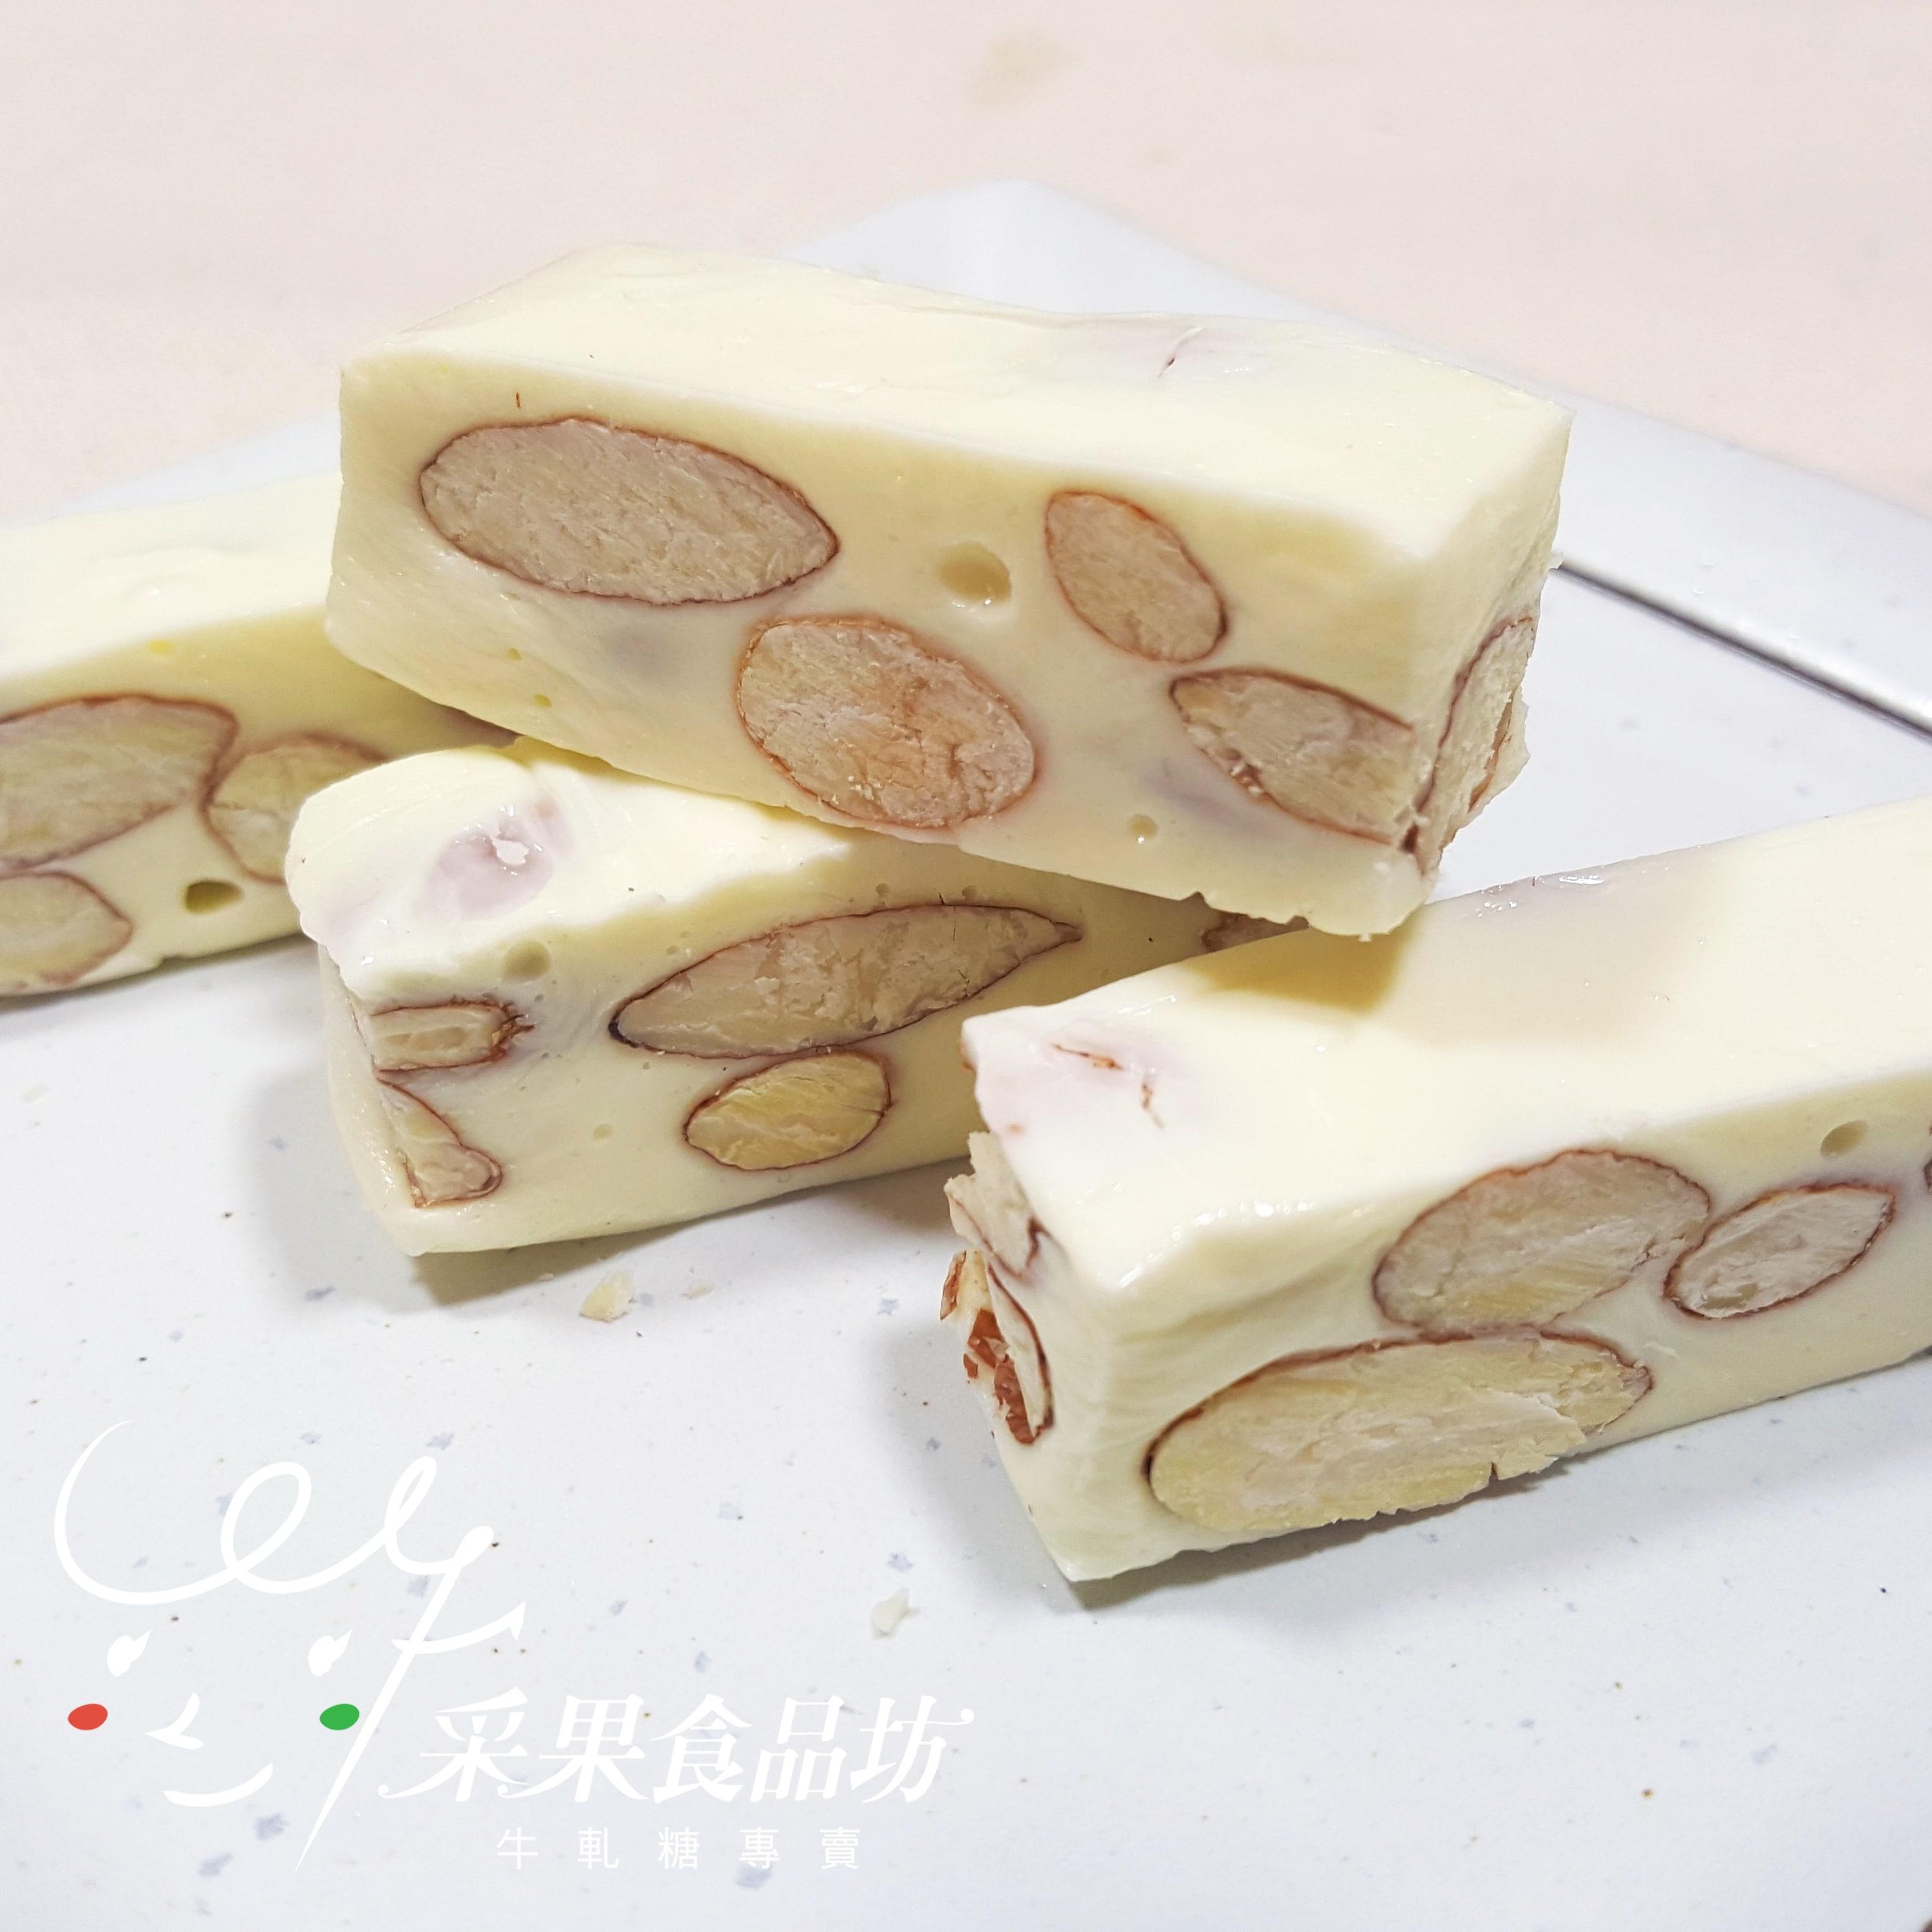 【采果食品坊】原味杏仁牛軋糖 216g / 袋裝 1